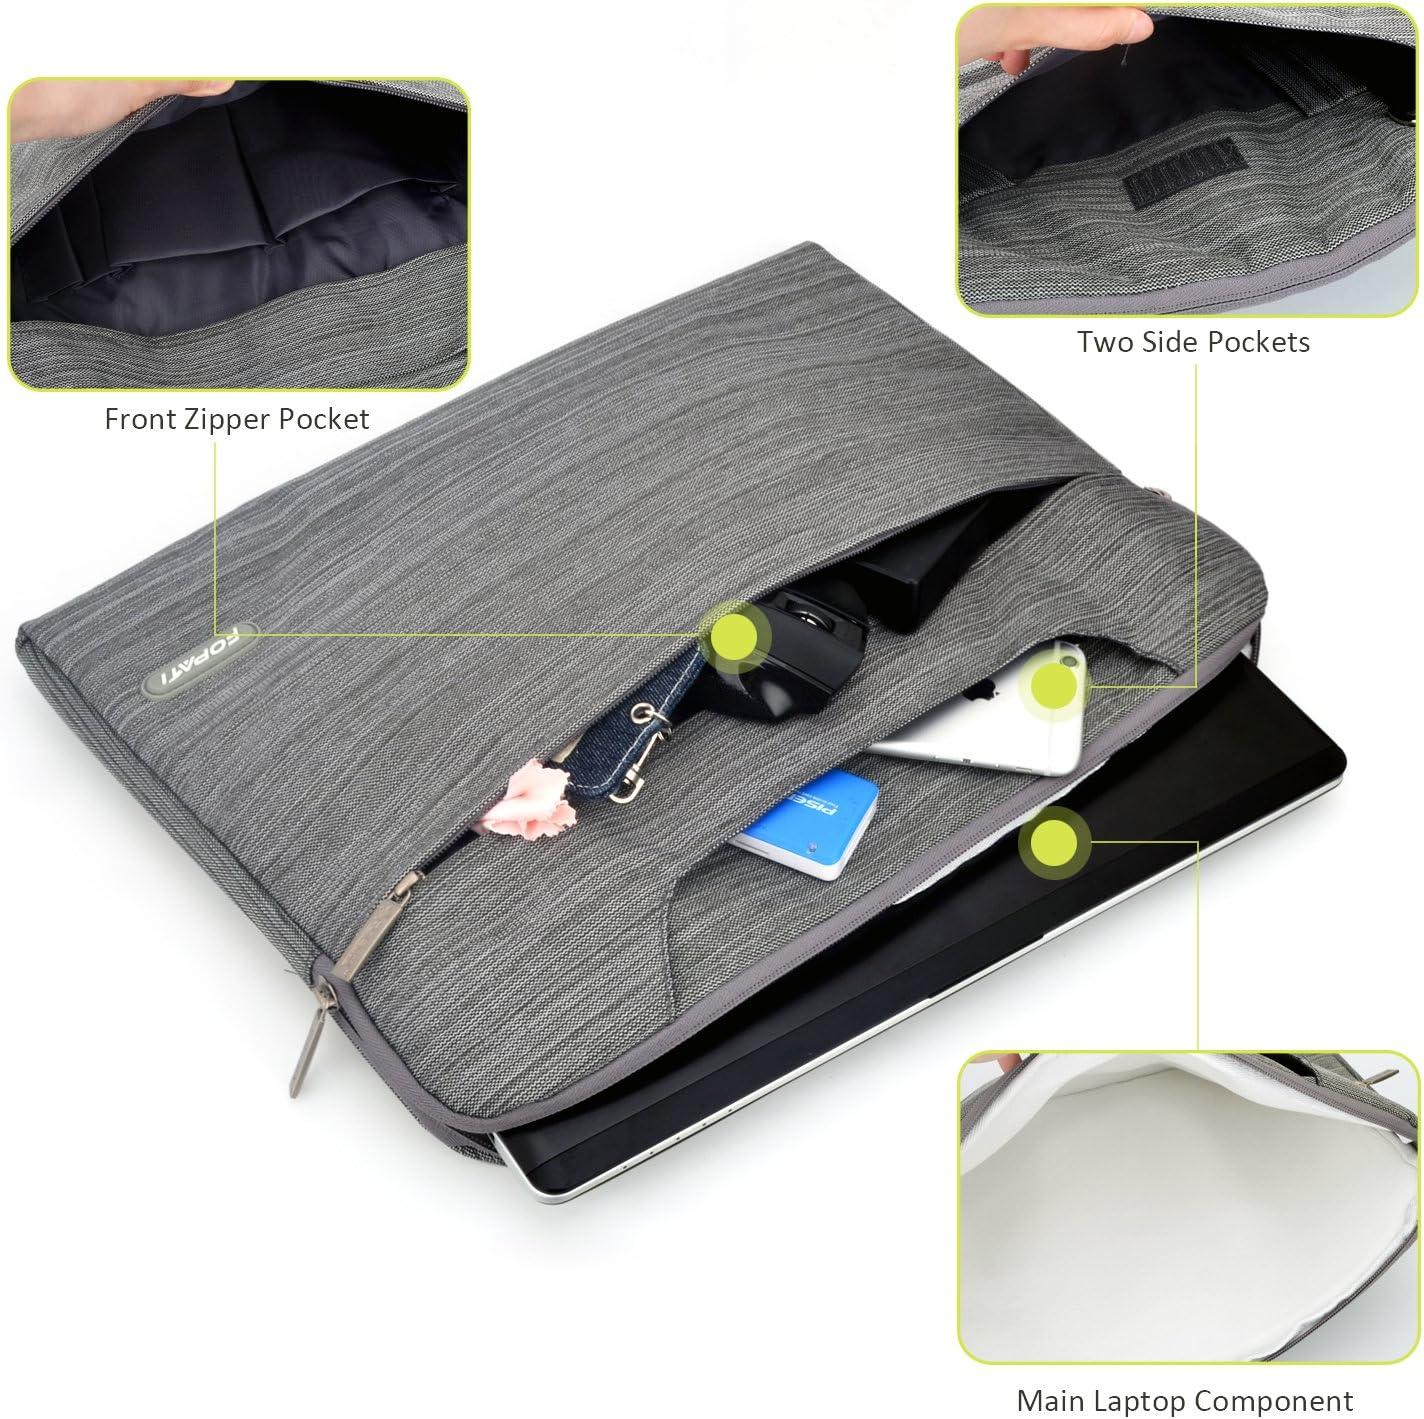 denim violet Housse de transport pour ordinateur portable multifonctionnel pour Surface book 2 YOUPECK 13,3 Sacoche pour ordinateur portable de 13 pouces pour ordinateur portable Macbook Air pro 13